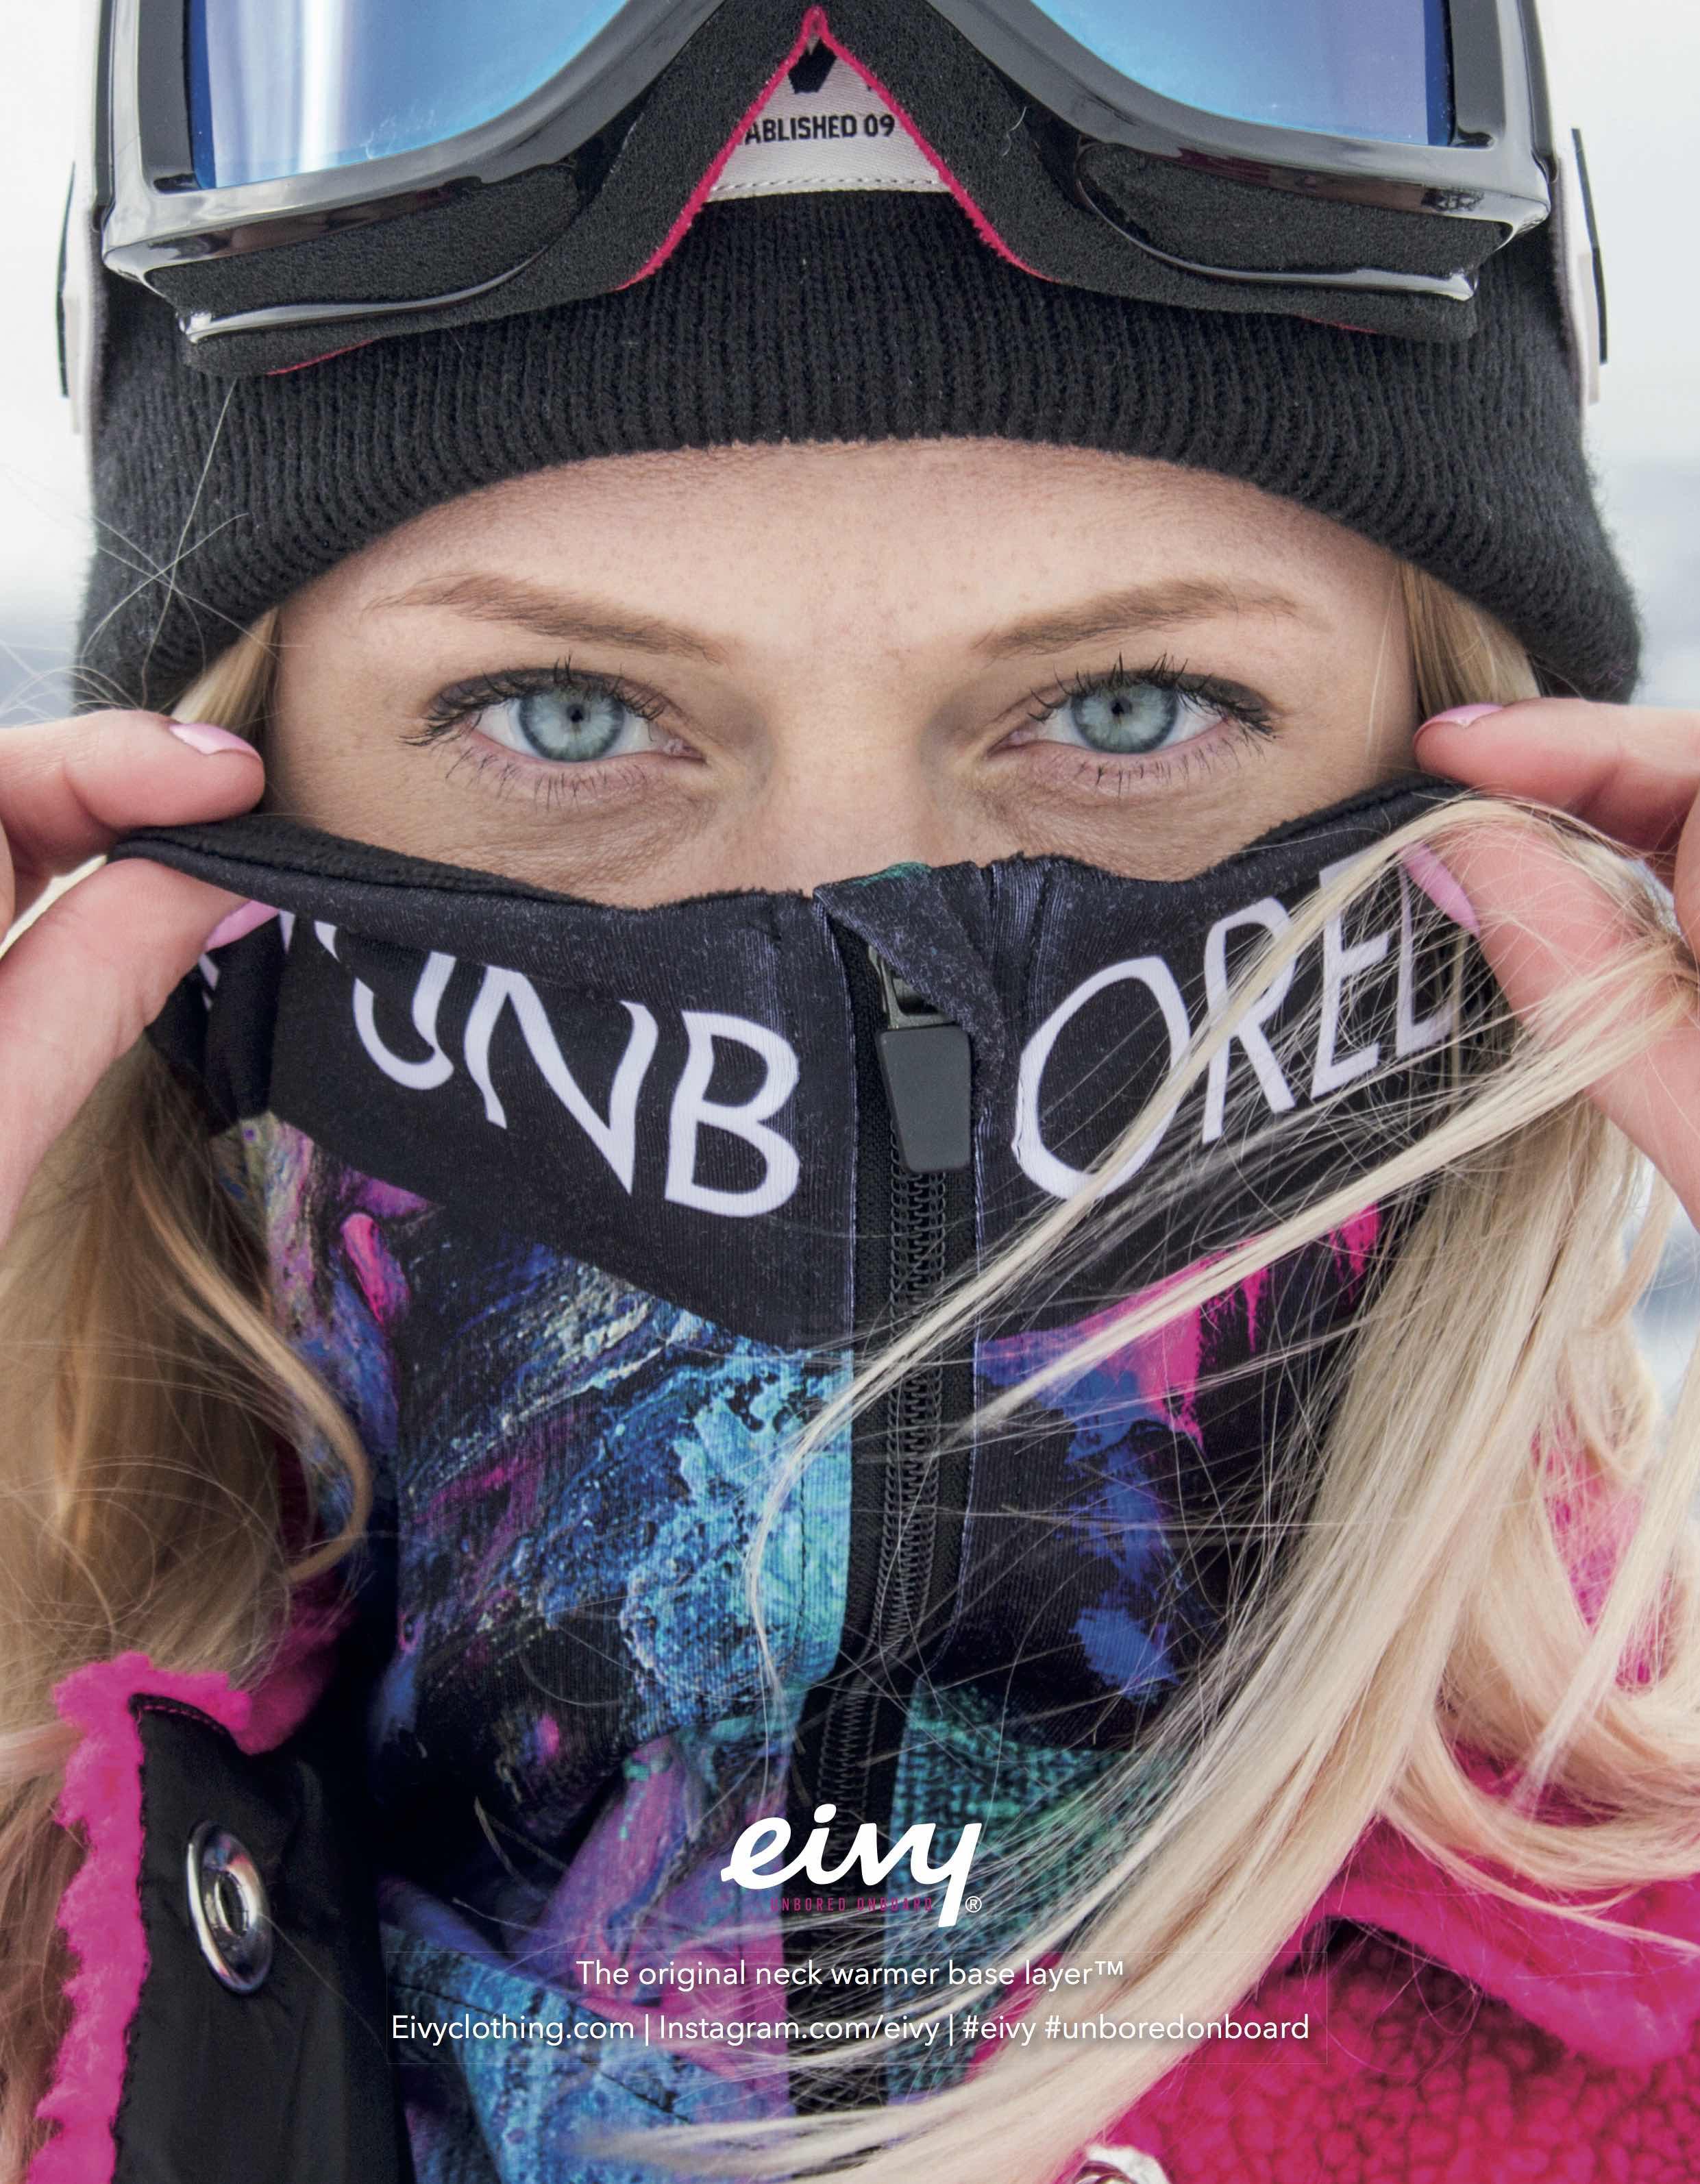 Eivy 83